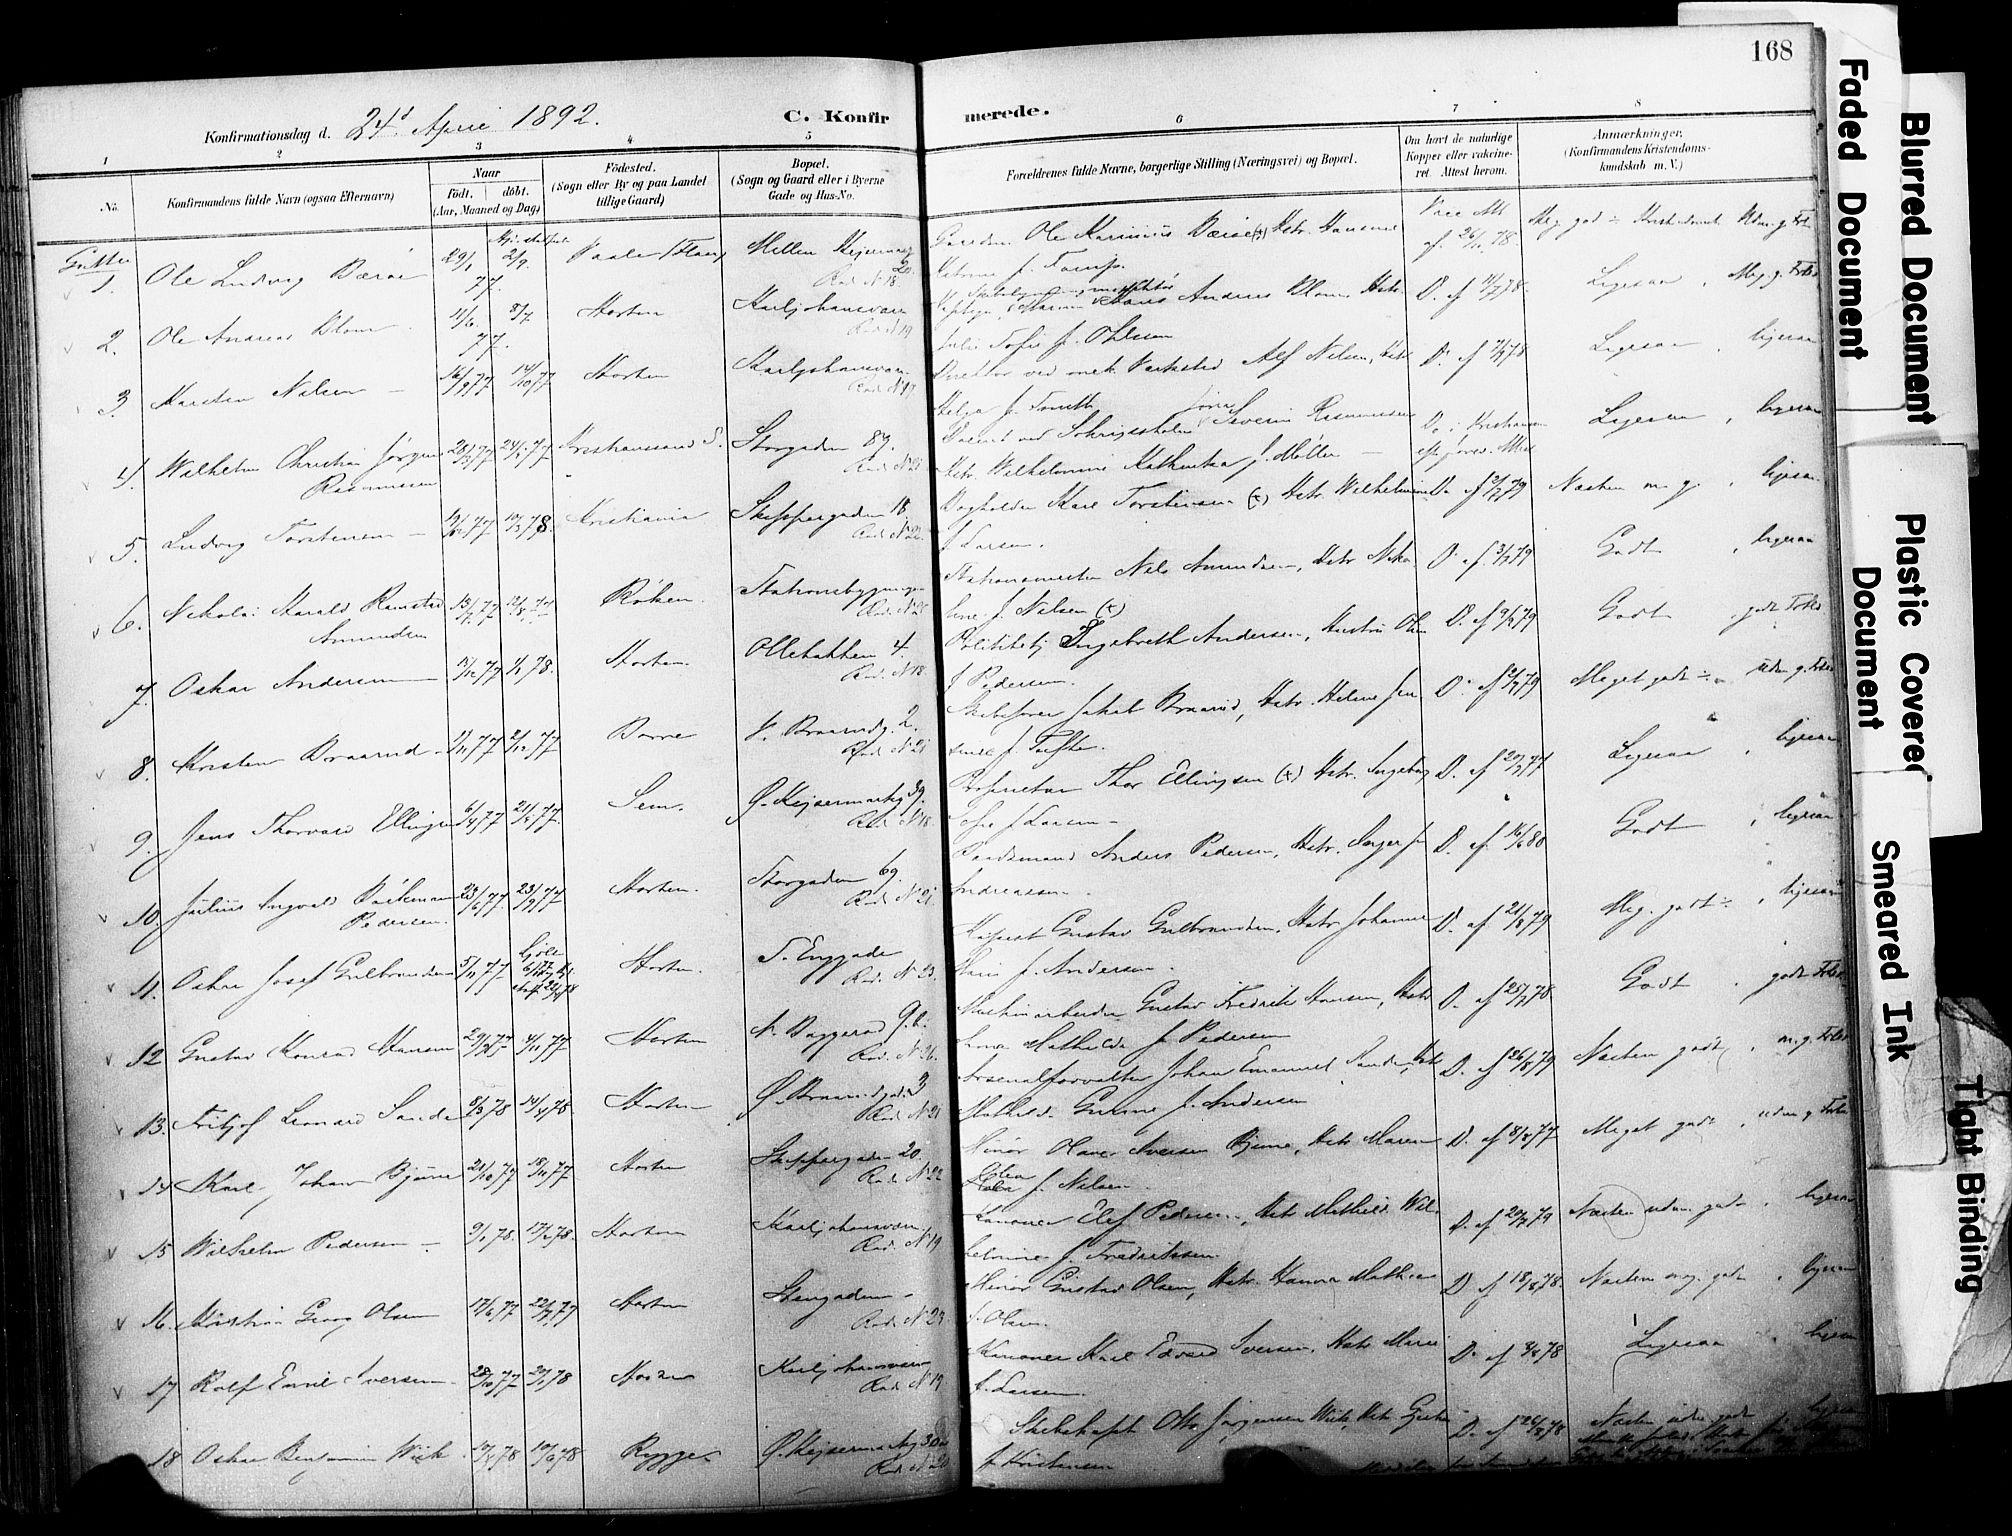 SAKO, Horten kirkebøker, F/Fa/L0004: Ministerialbok nr. 4, 1888-1895, s. 168